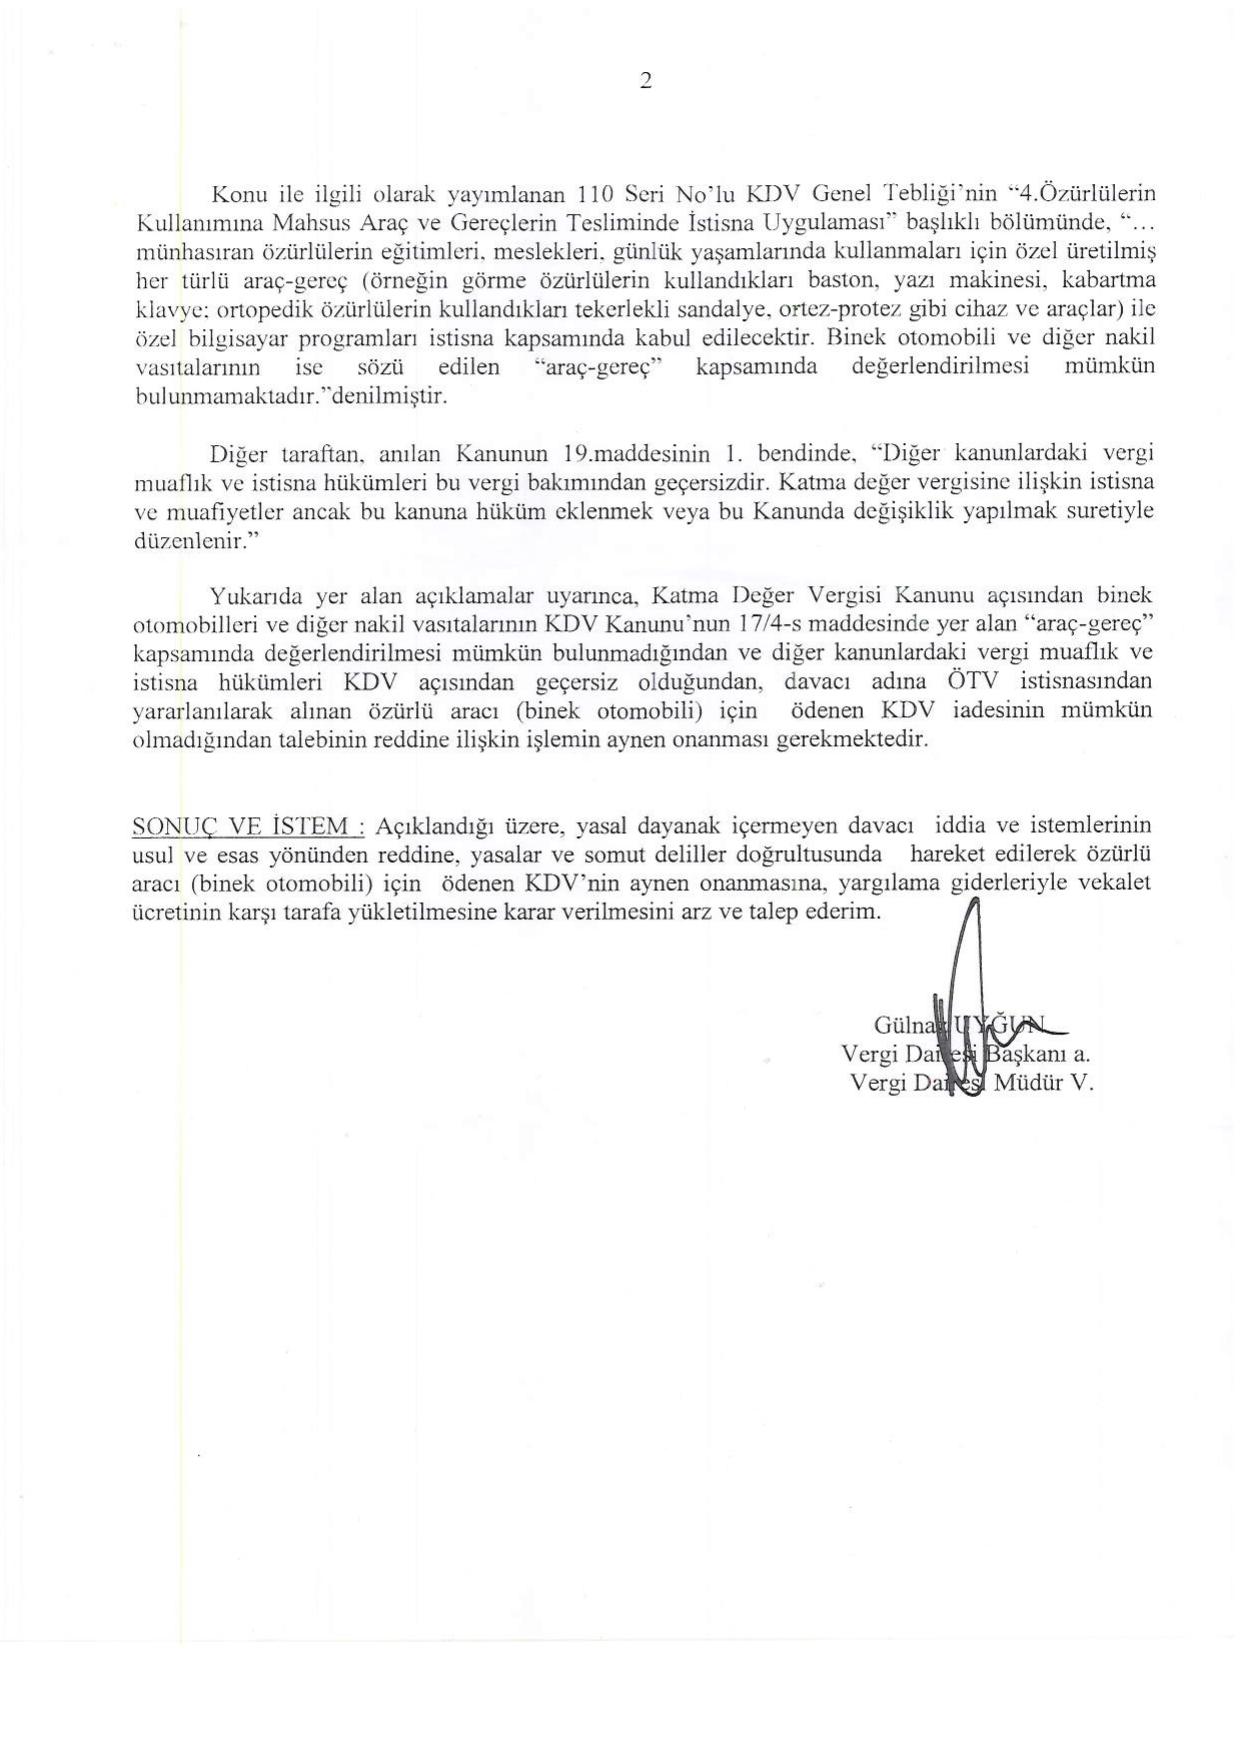 adana vergi dairesi savunmasi 2 - Sakat statüsünde alınan araç için ödenen KDV'nin geri alınması işlemleri ve süreç